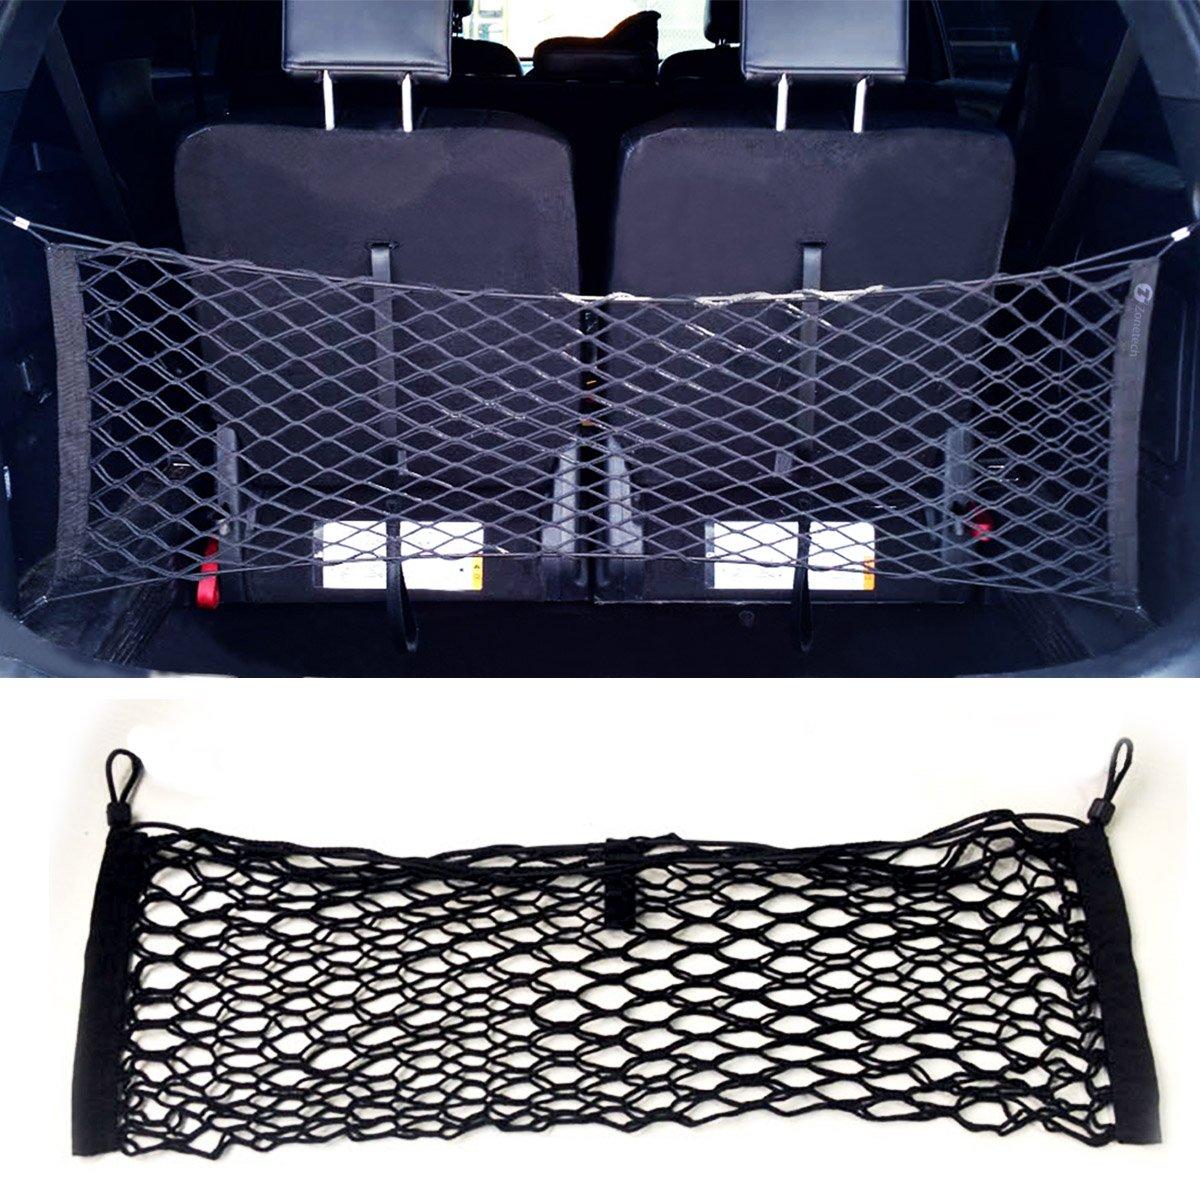 Amazon.com: Zone Tech Large Pocket Mesh Storage Net   Black Mesh Large  Pocket Trunk Cargo Organizer With 2 Mounting Options: Automotive